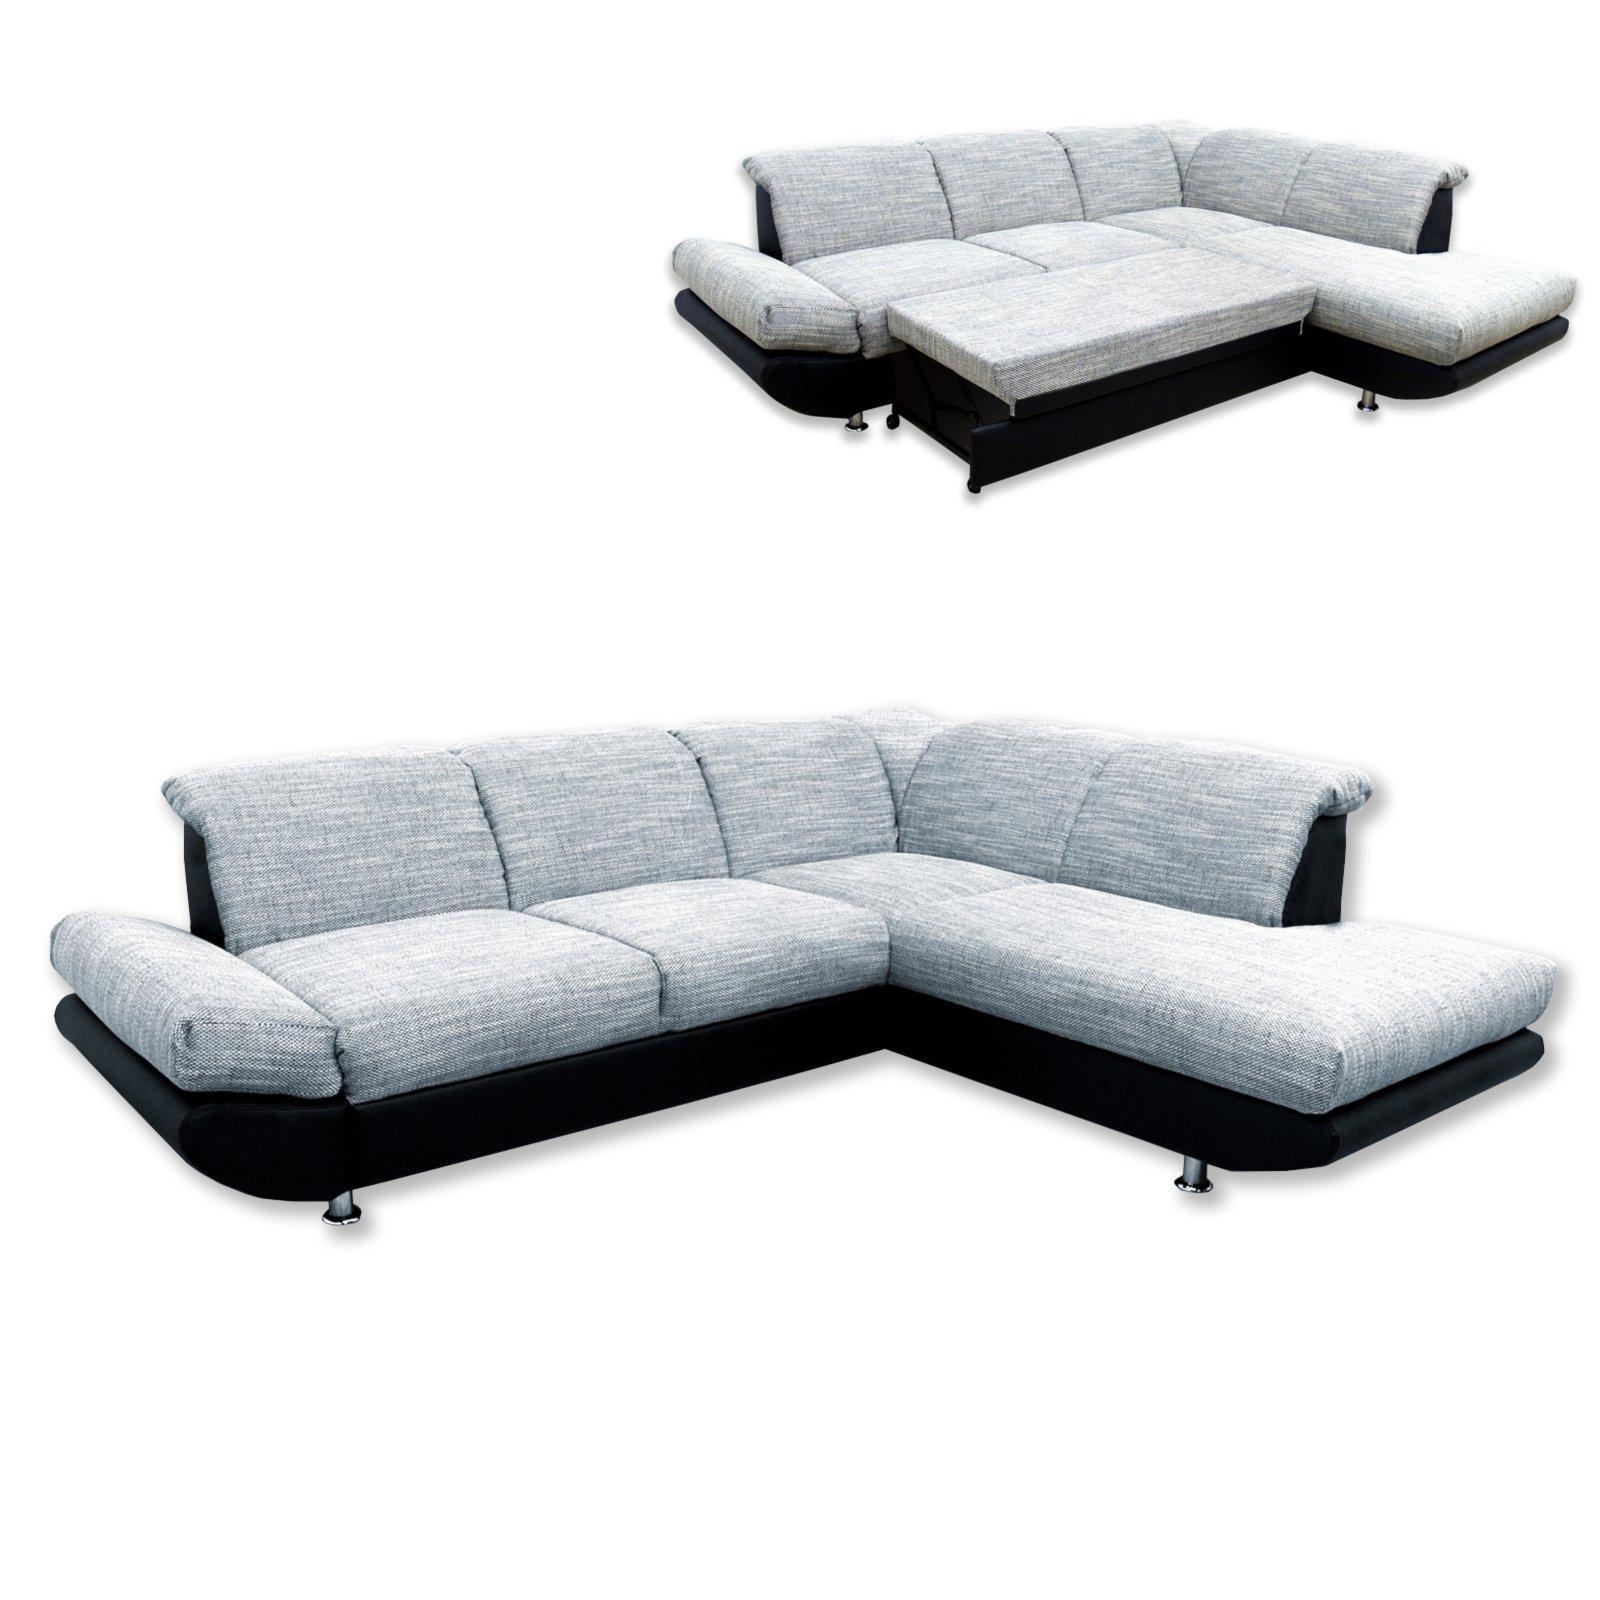 polsterecke grau schwarz mit liegefunktion ottomane. Black Bedroom Furniture Sets. Home Design Ideas